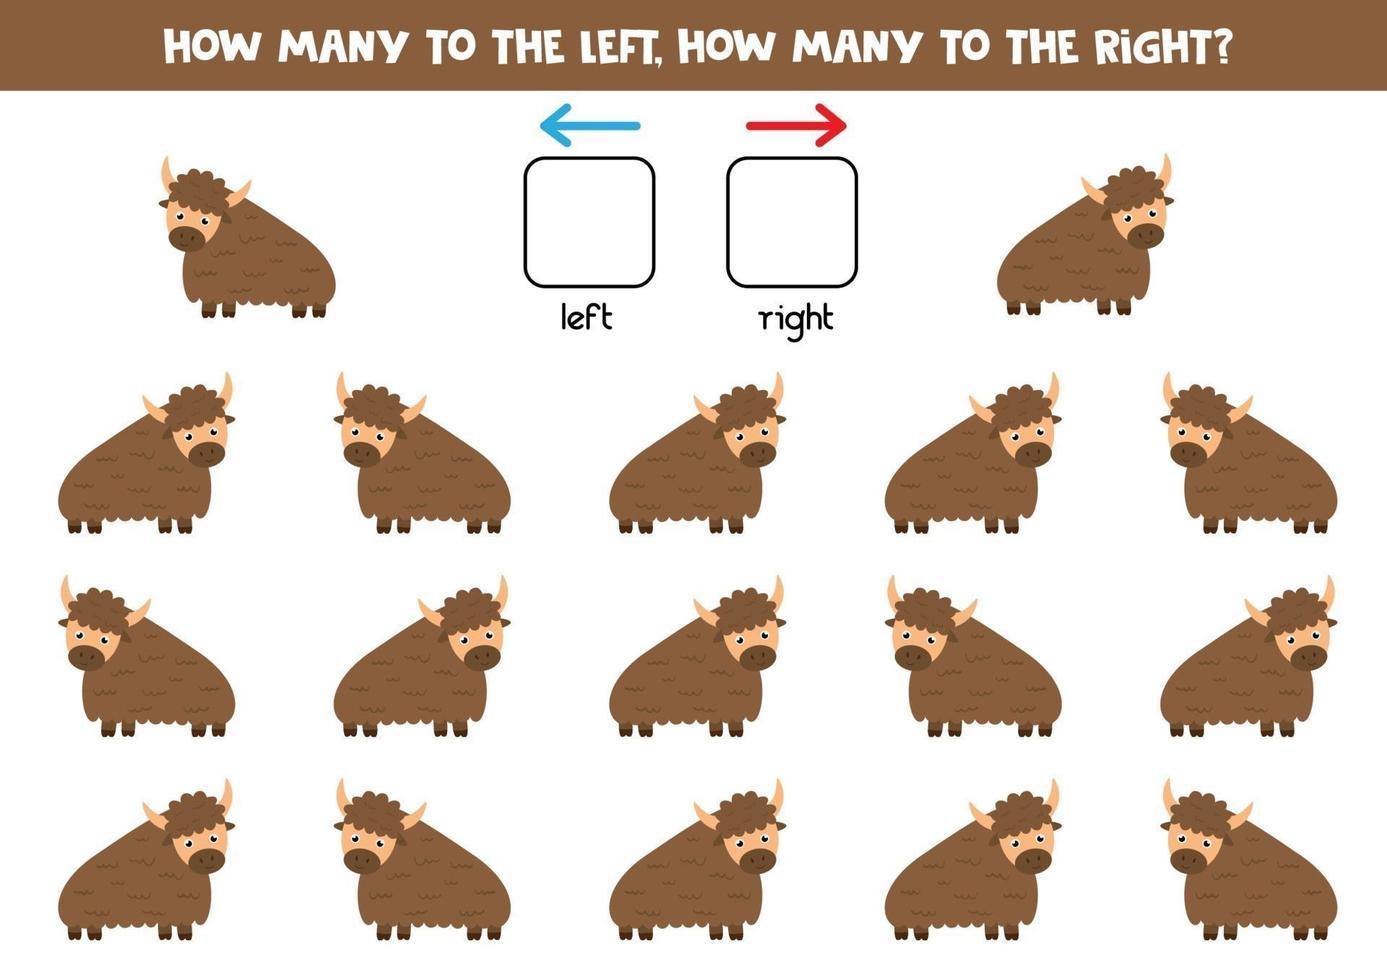 cuente todos los yaks que van a la derecha y a la izquierda. vector